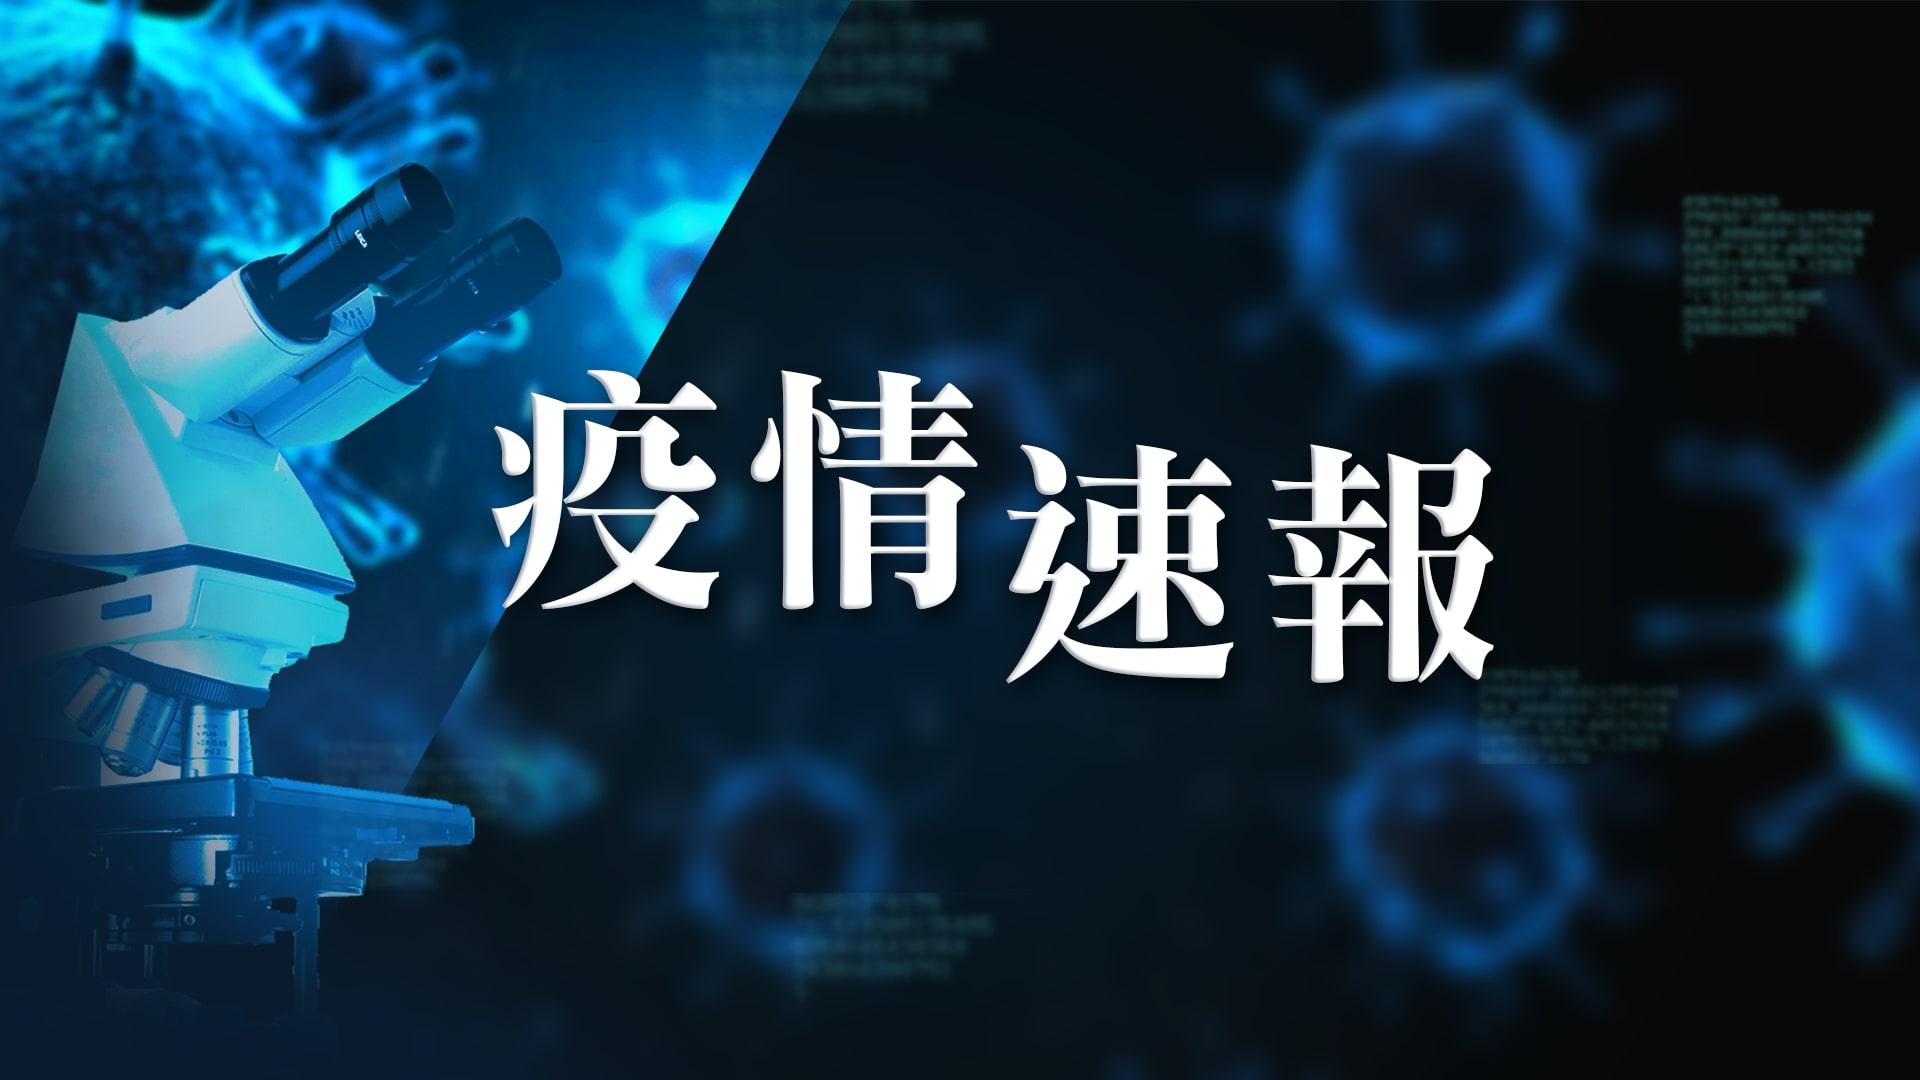 【2月6日疫情速報】(22:55)